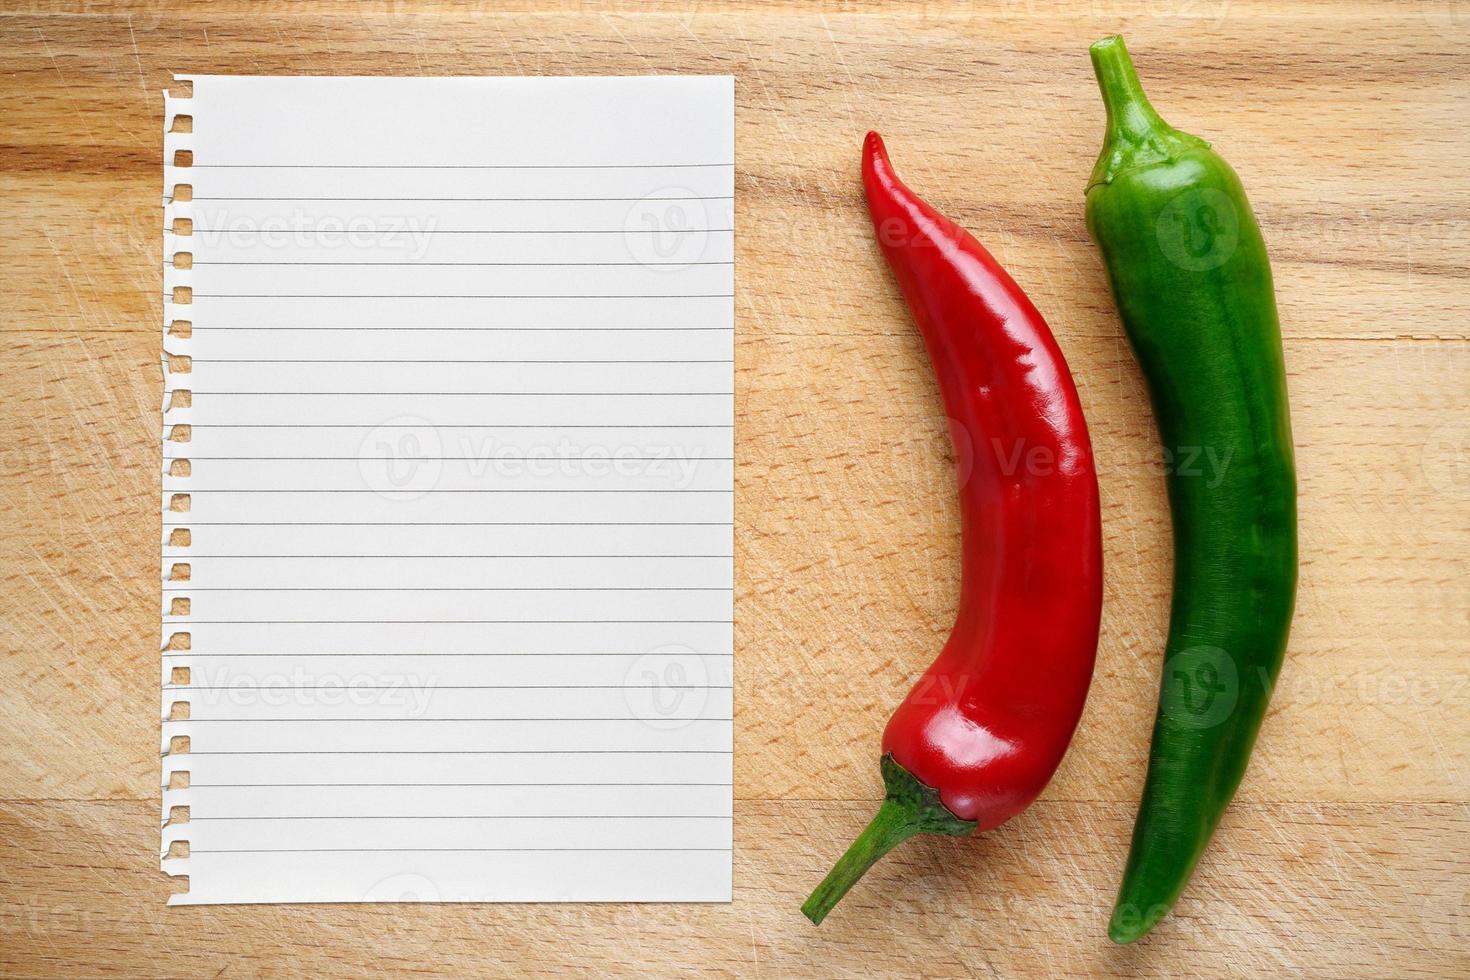 paprika och papper för recept foto